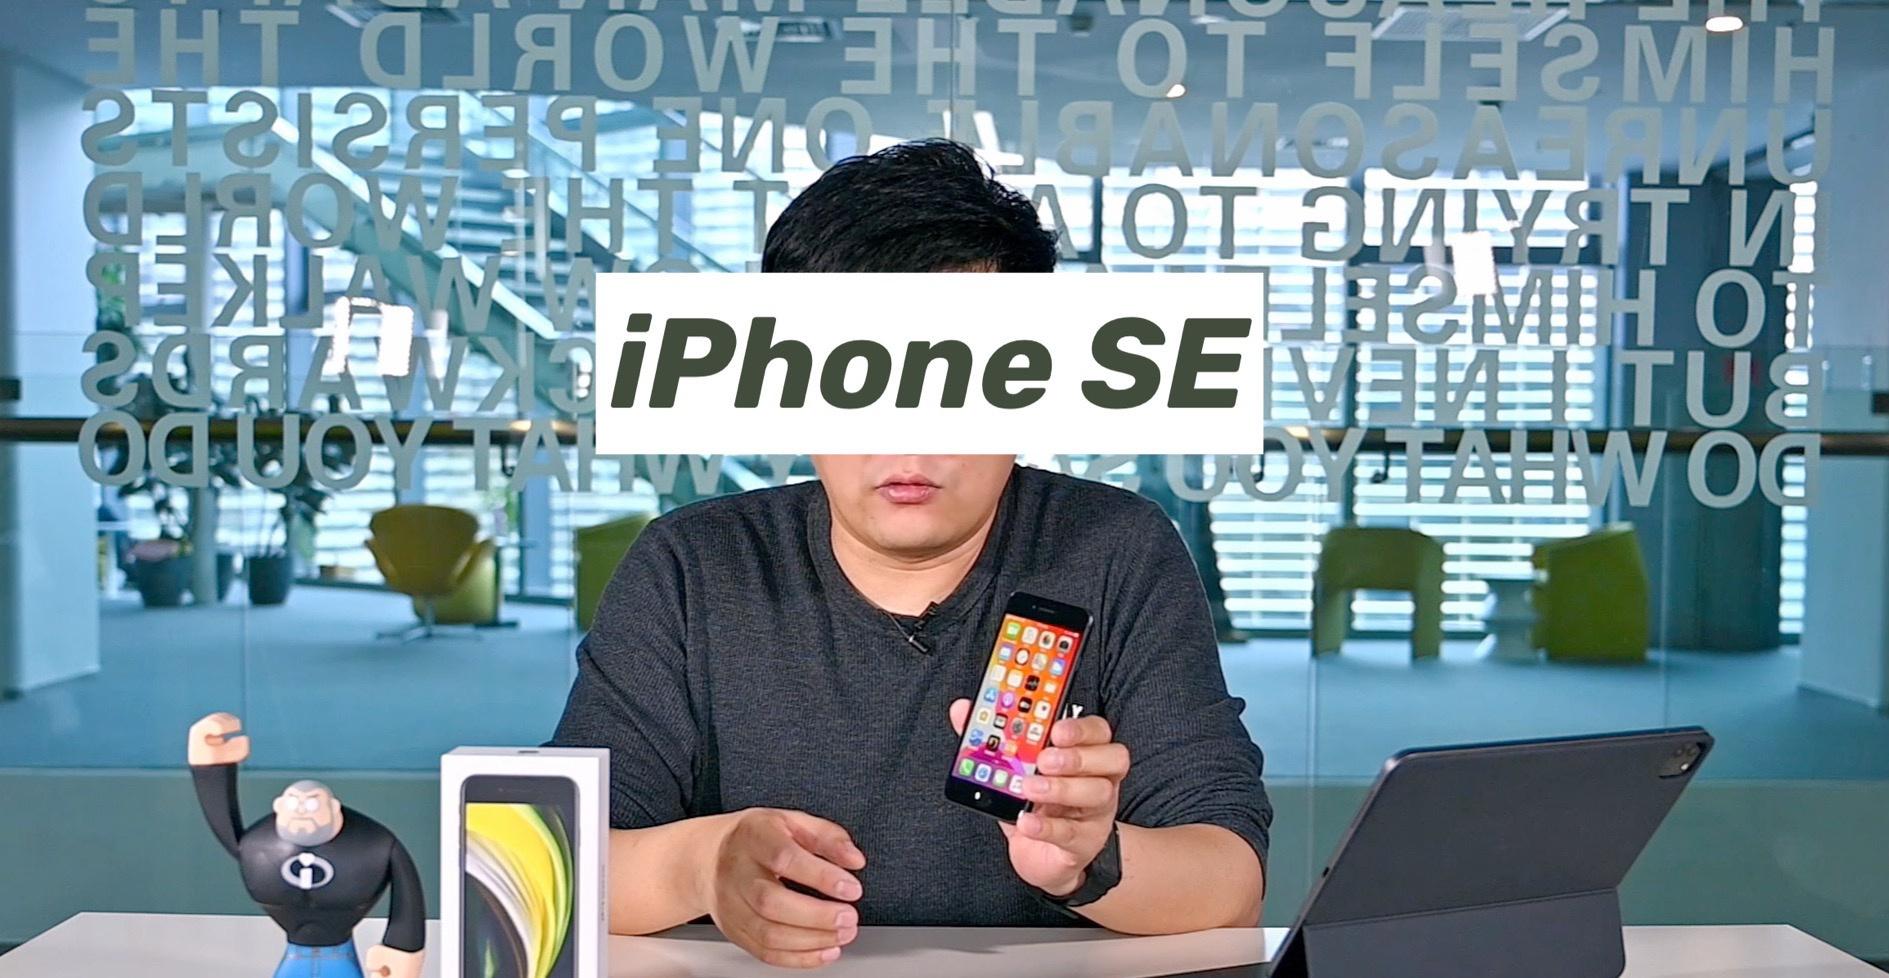 新iPhone SE评测:屏不在大 有芯则灵|新iPhone|iPhone SE